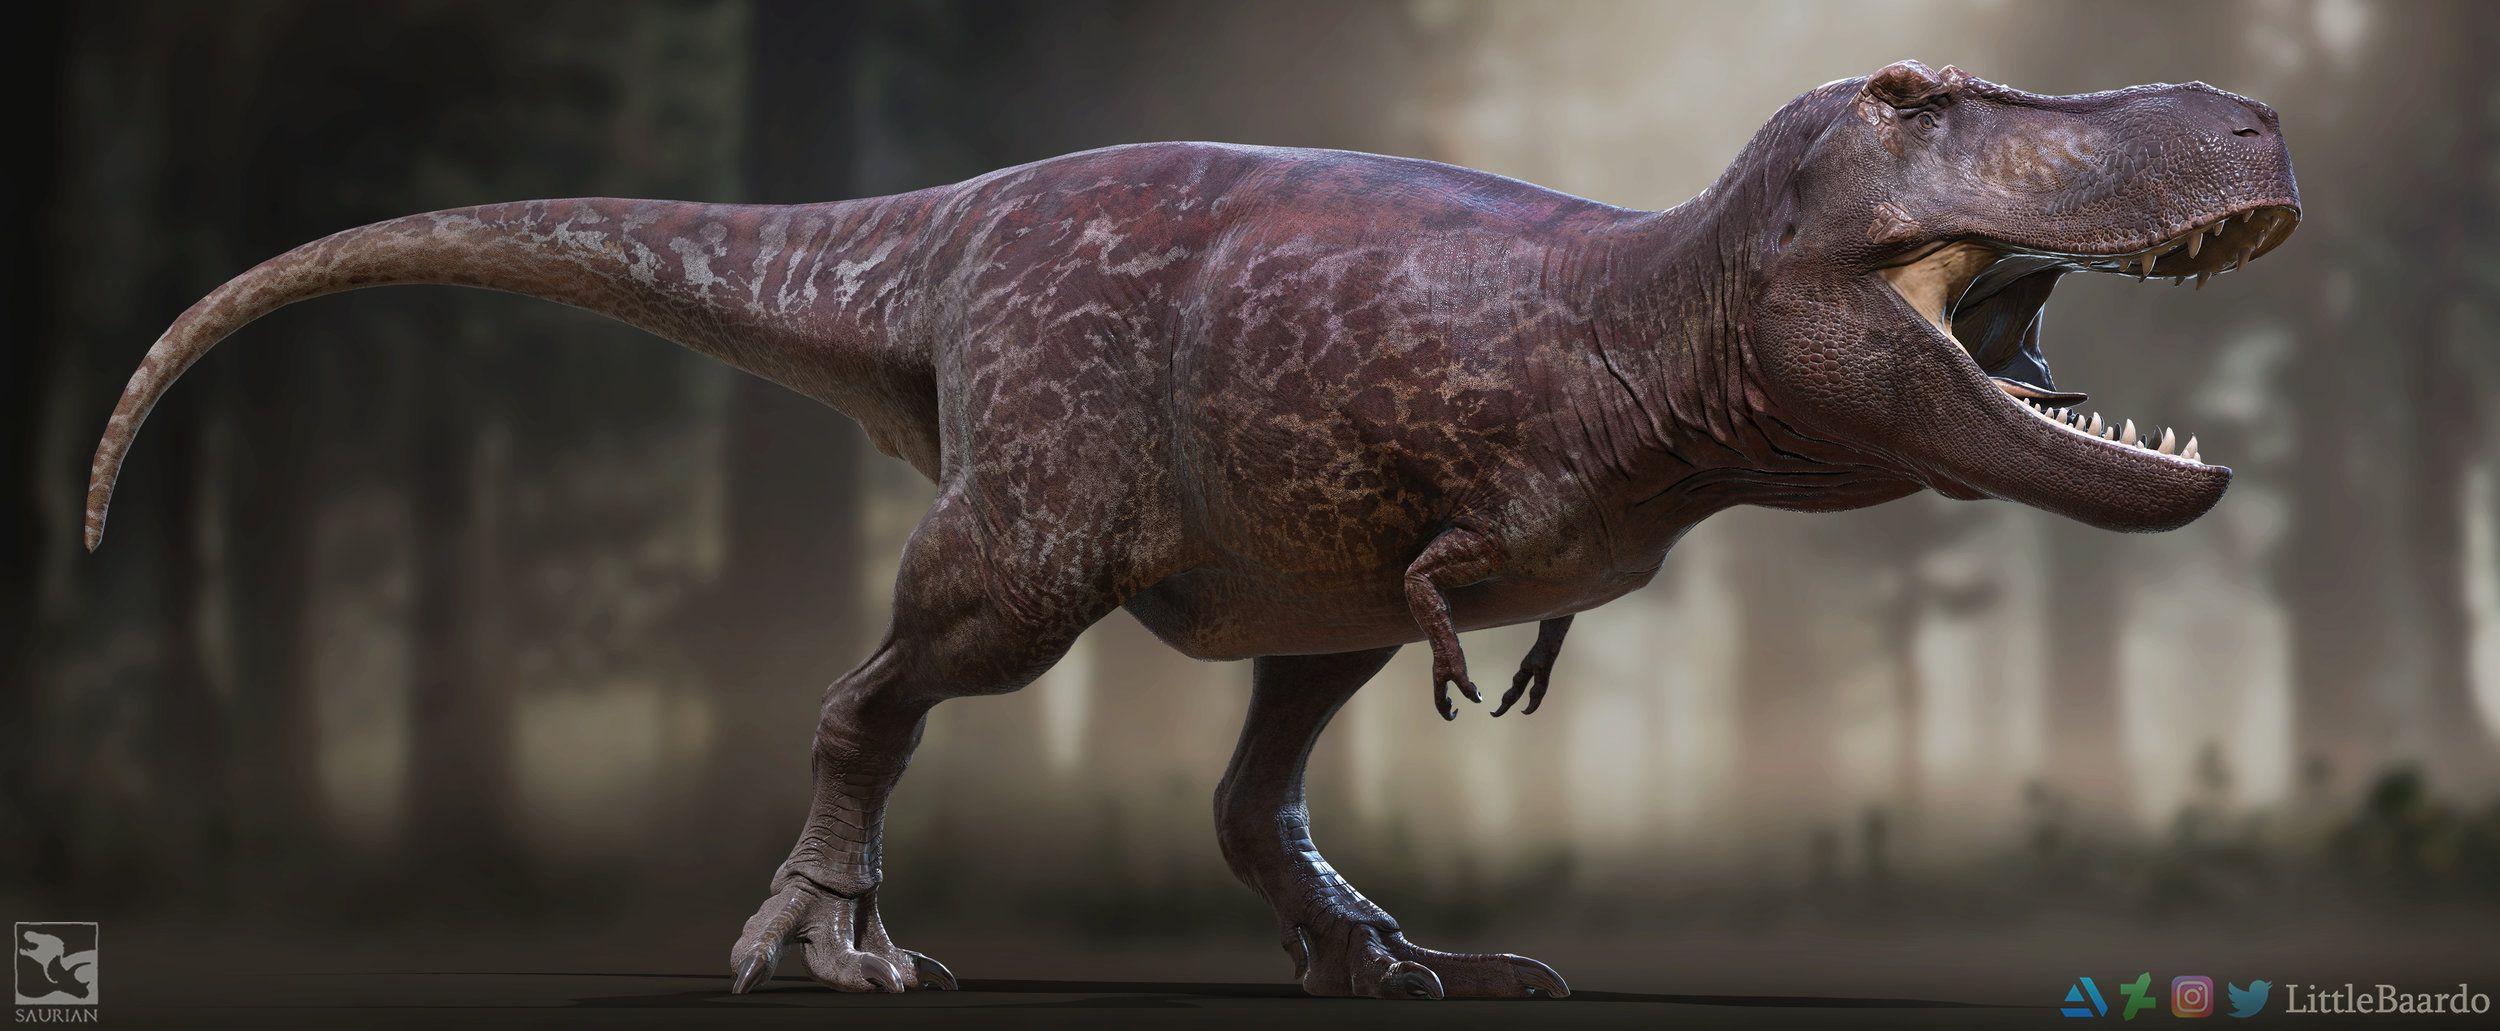 Tyrannosaurus Redesign 2018 Saurian In 2020 Tyrannosaurus Tyrannosaurus Rex Prehistoric Animals